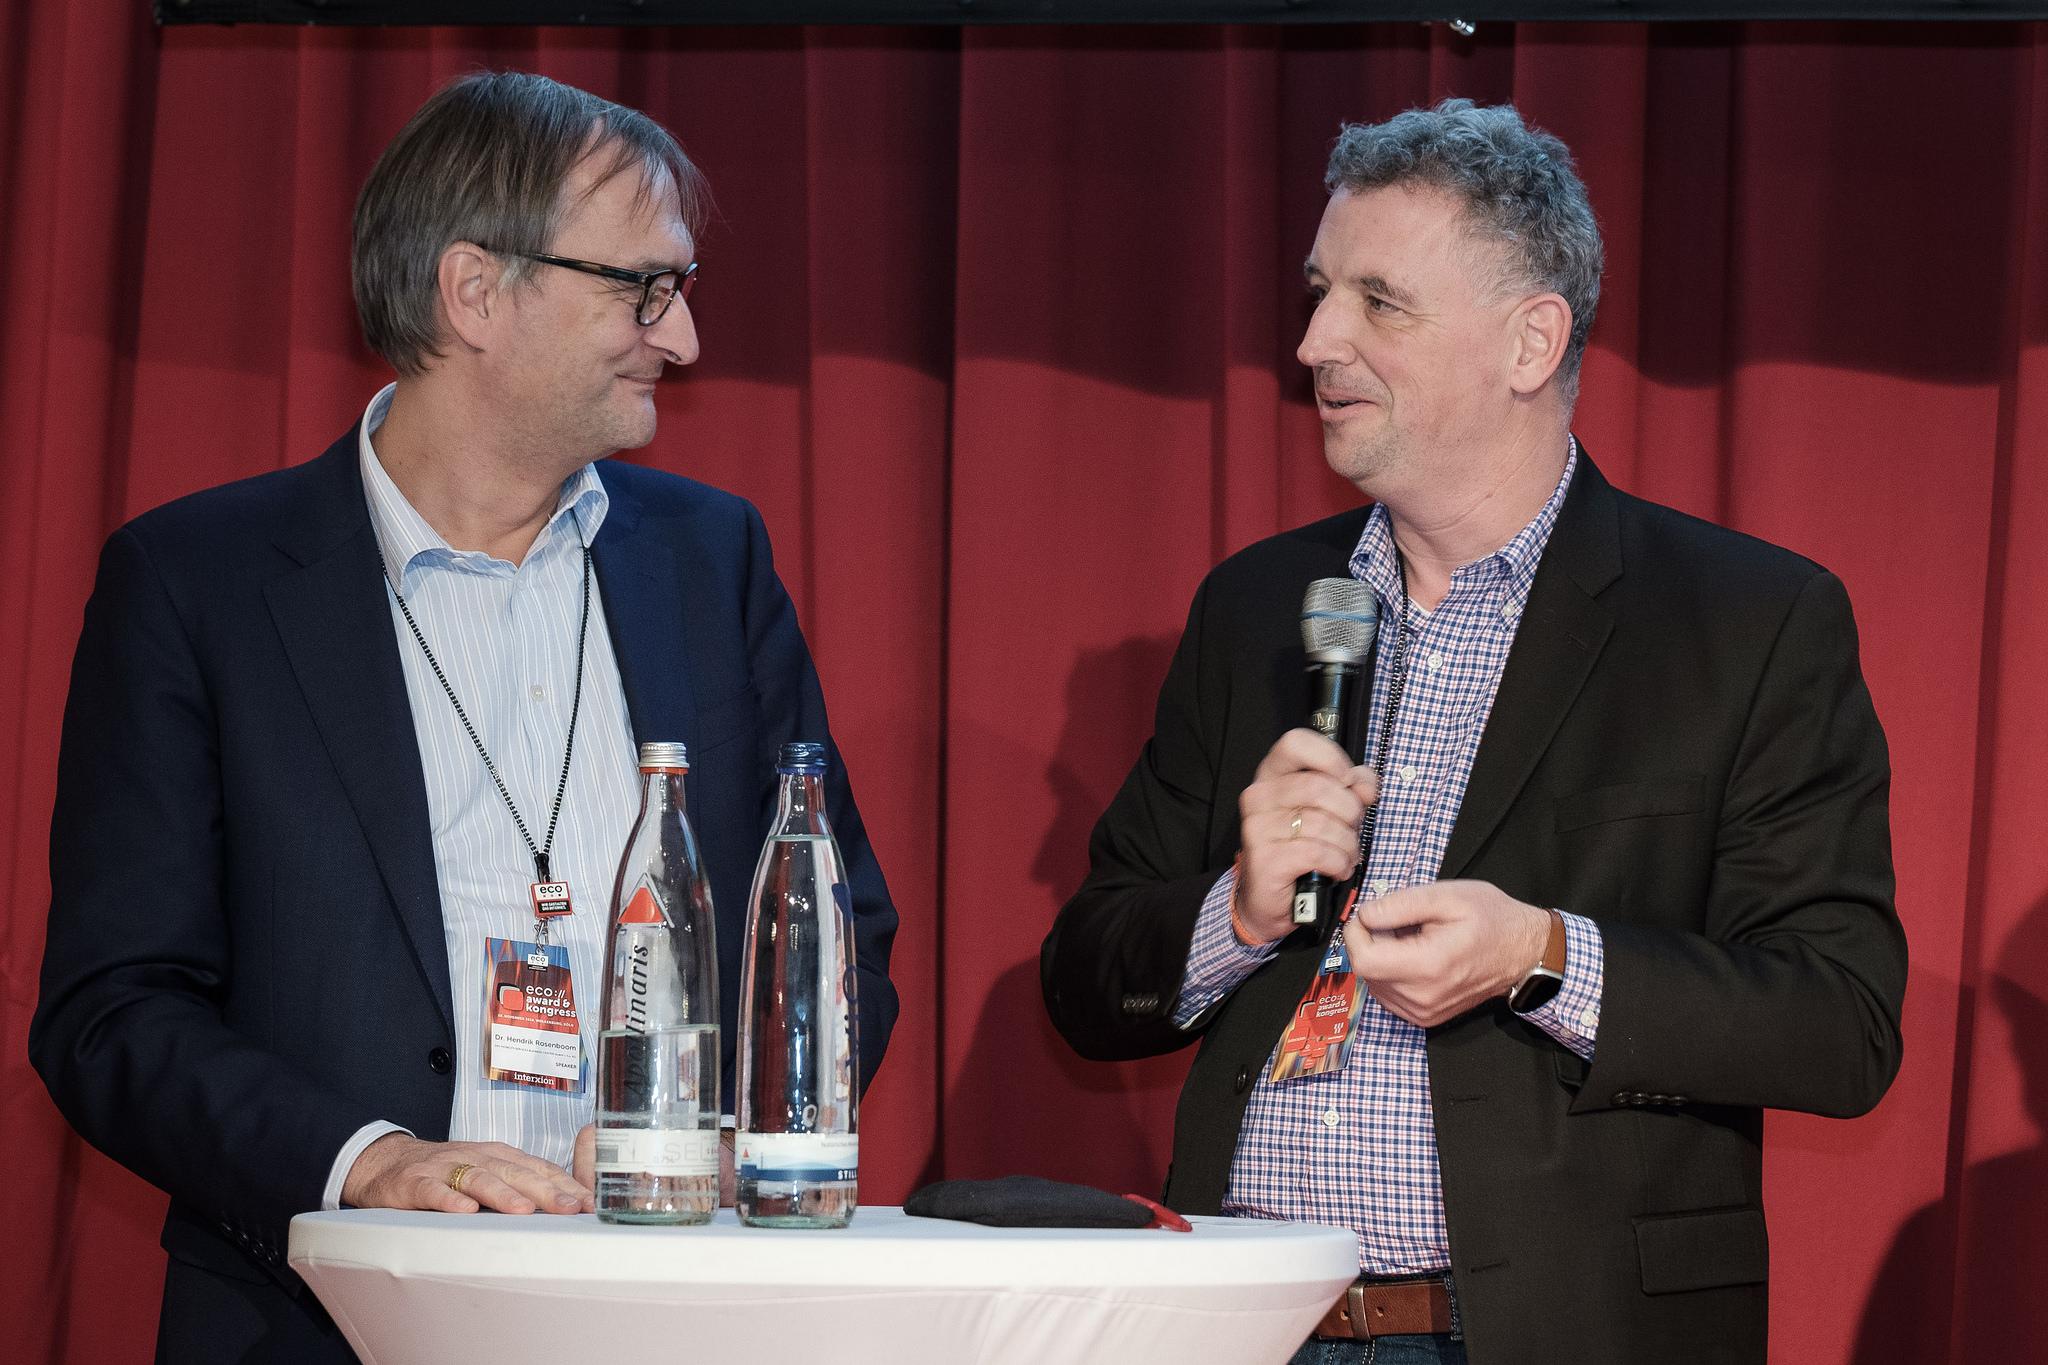 eco://kongress & eco:awards: Gemeinsam die digitale Zukunft gestalten 16